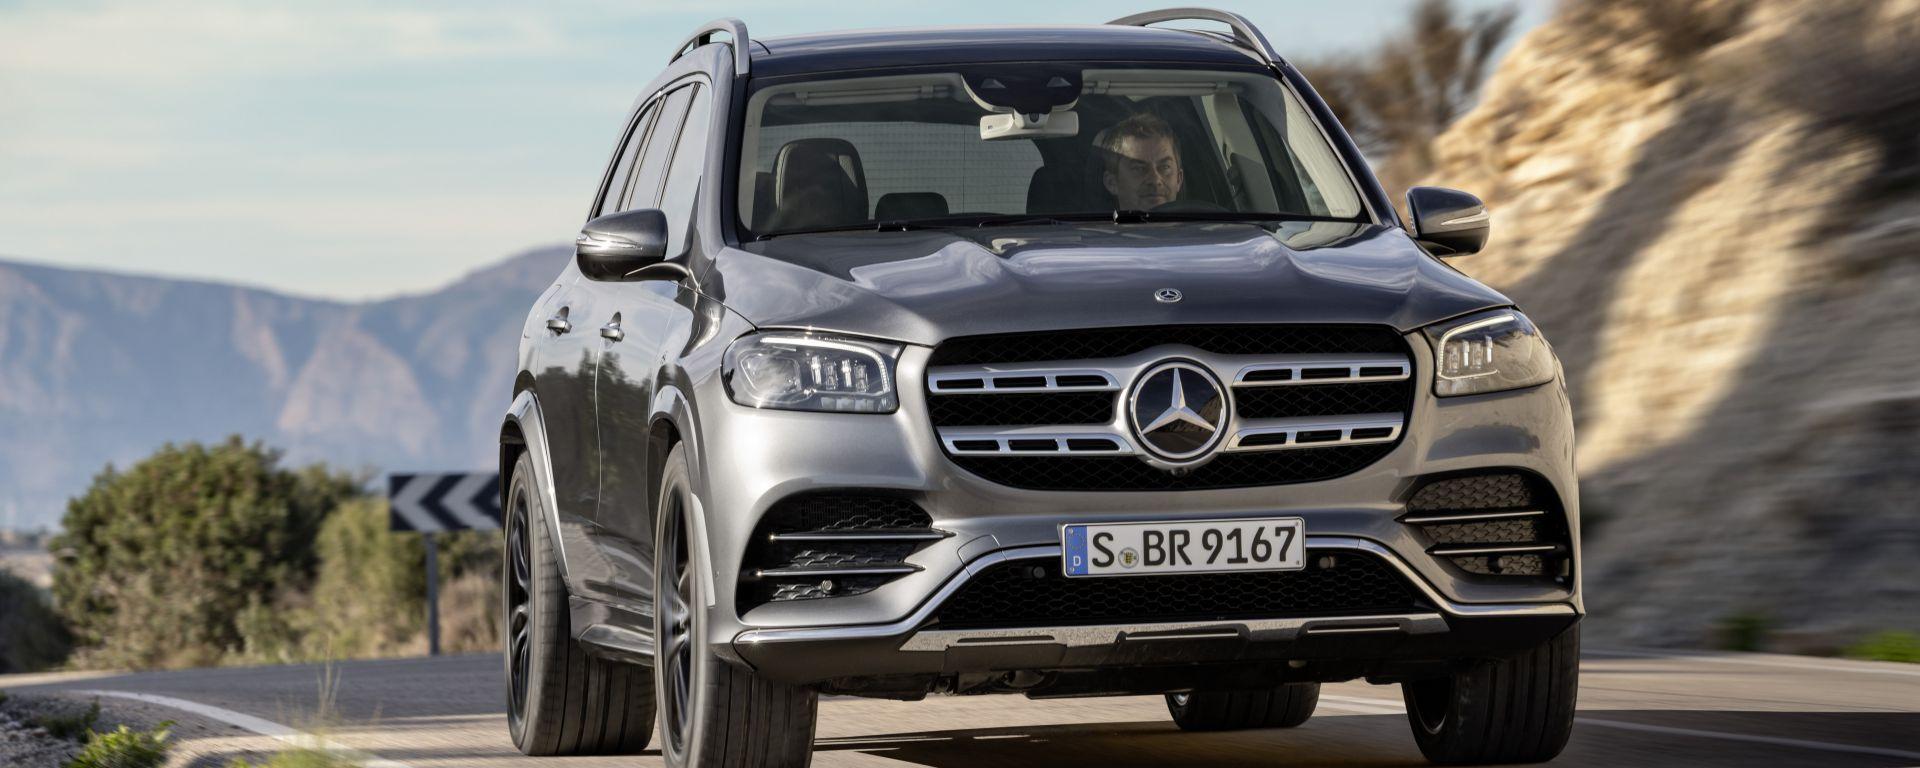 Nuova Mercedes GLS 2020: foto ufficiali dell'ammiraglia Suv